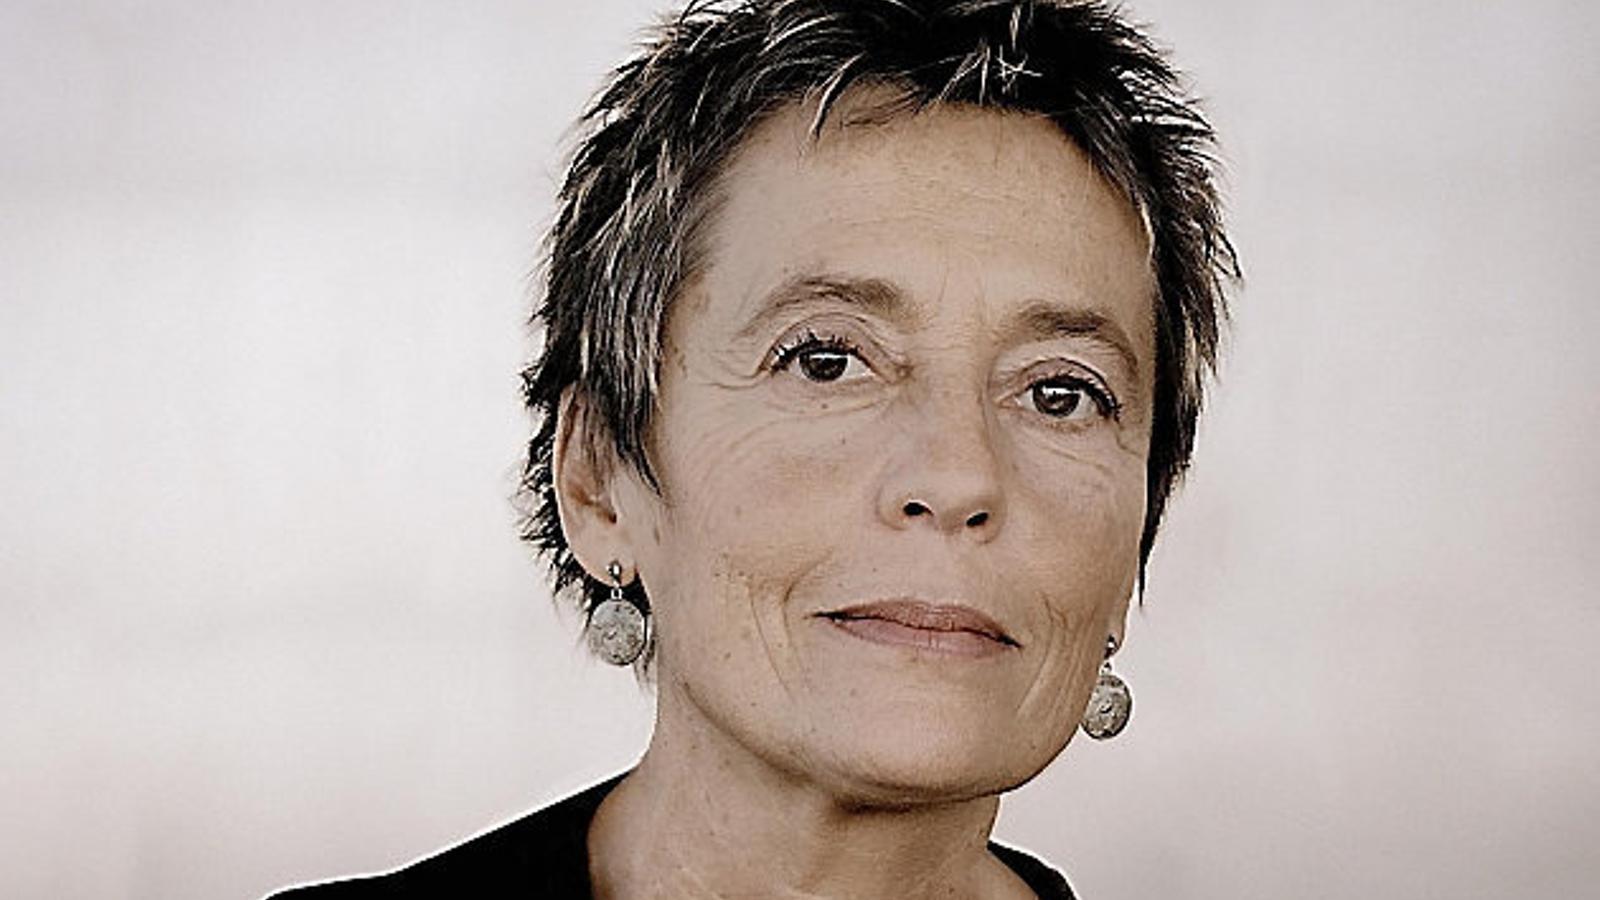 Maria João Pires en una imatge d'arxiu. / FELIX BROEDE / IBERCAMERA